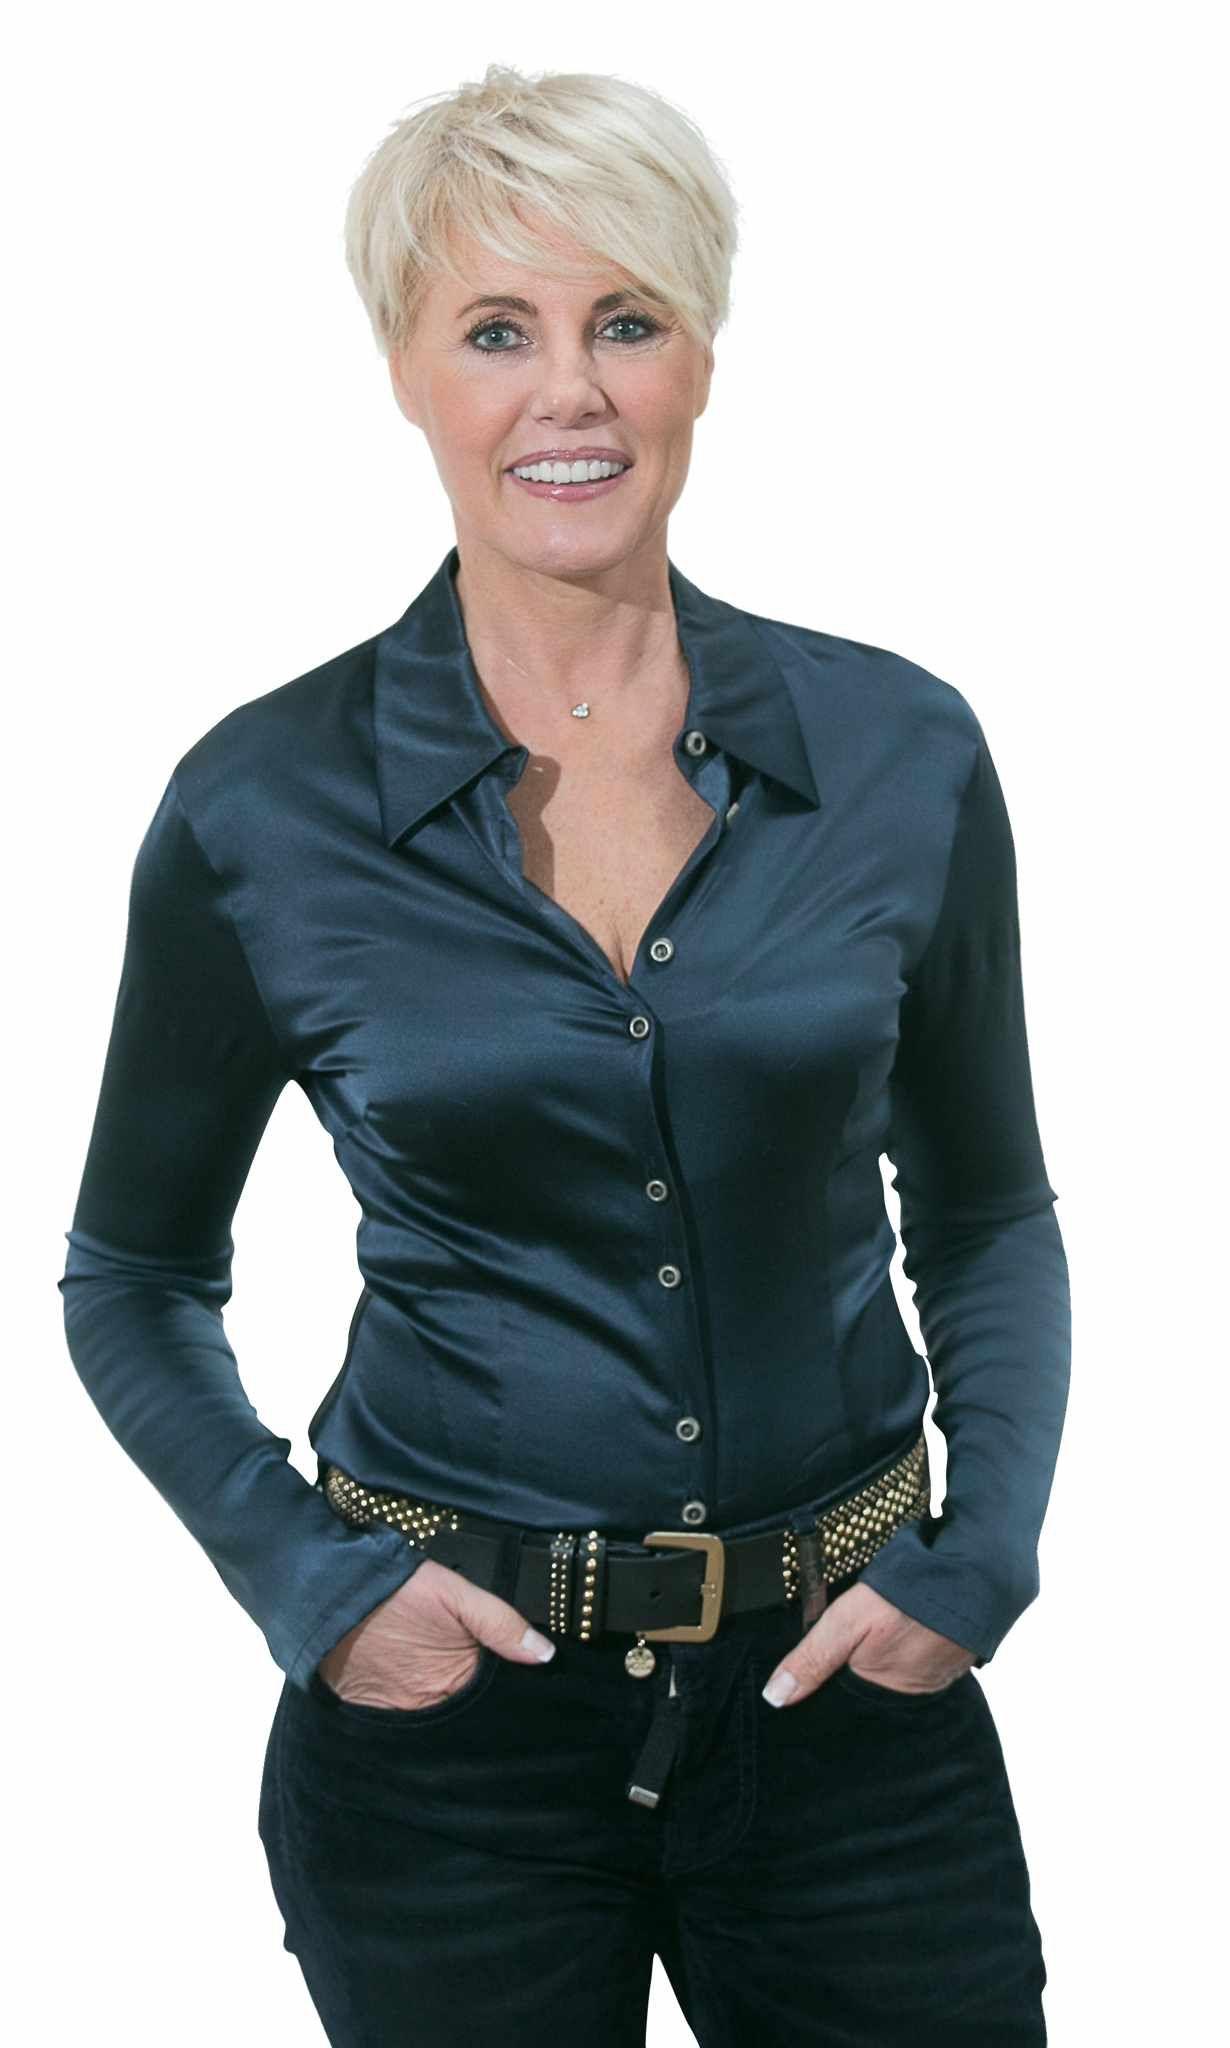 De Strakke Come Back Van Dana Winner Quot Ik Steek Het Niet Onder Stoelen Of Banken Dat Ik Botox